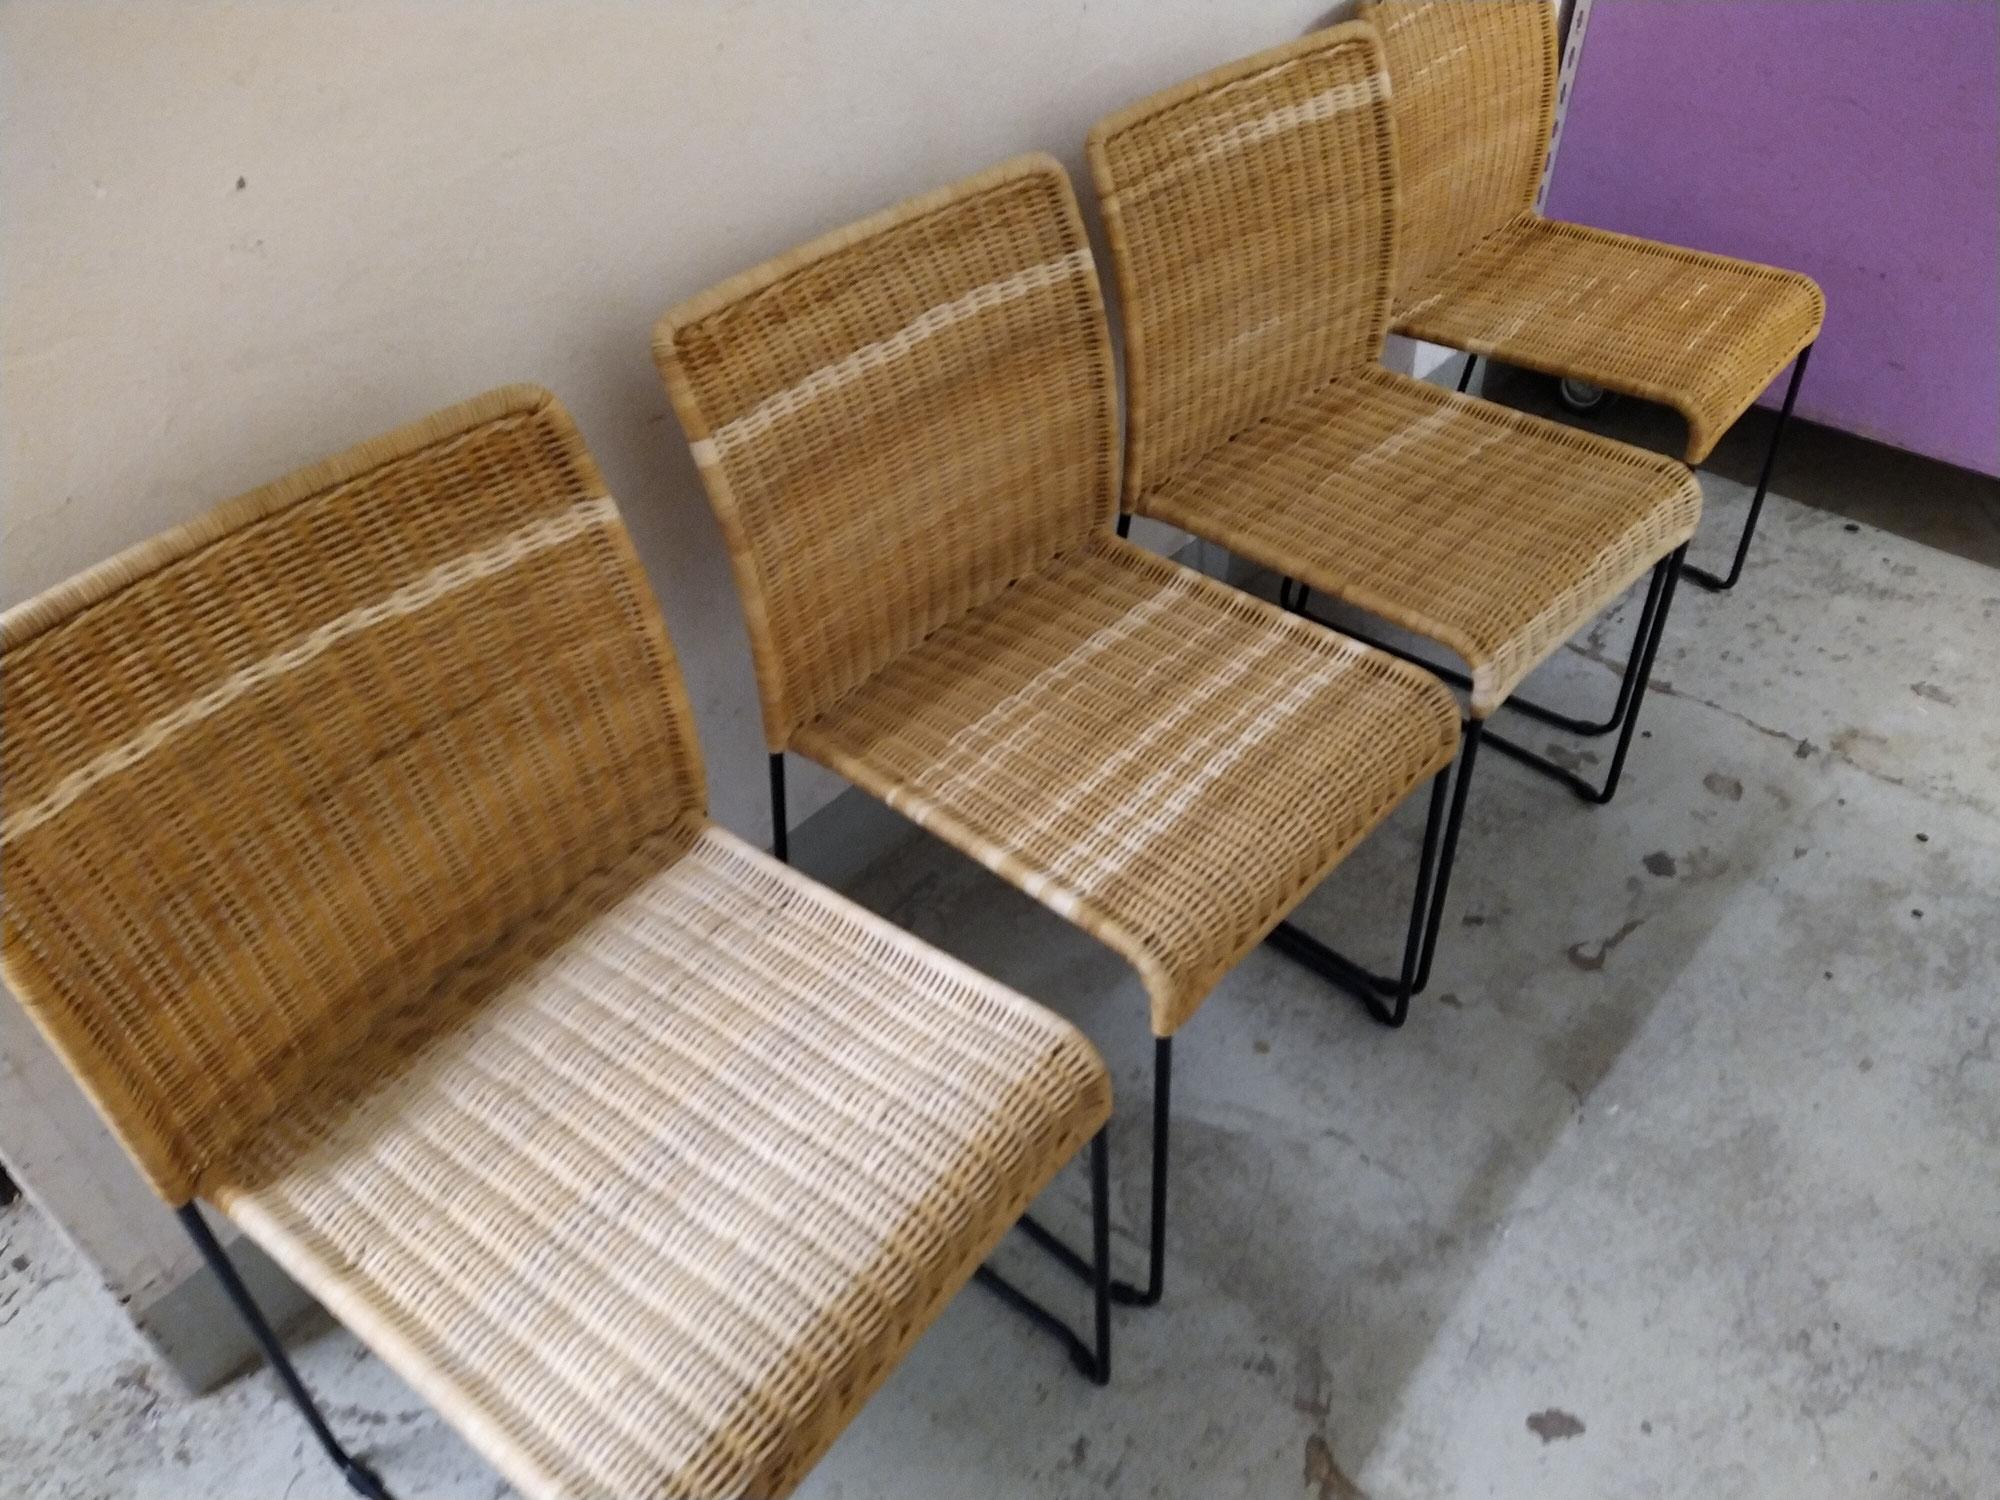 Stuhl mit Peddigrohr